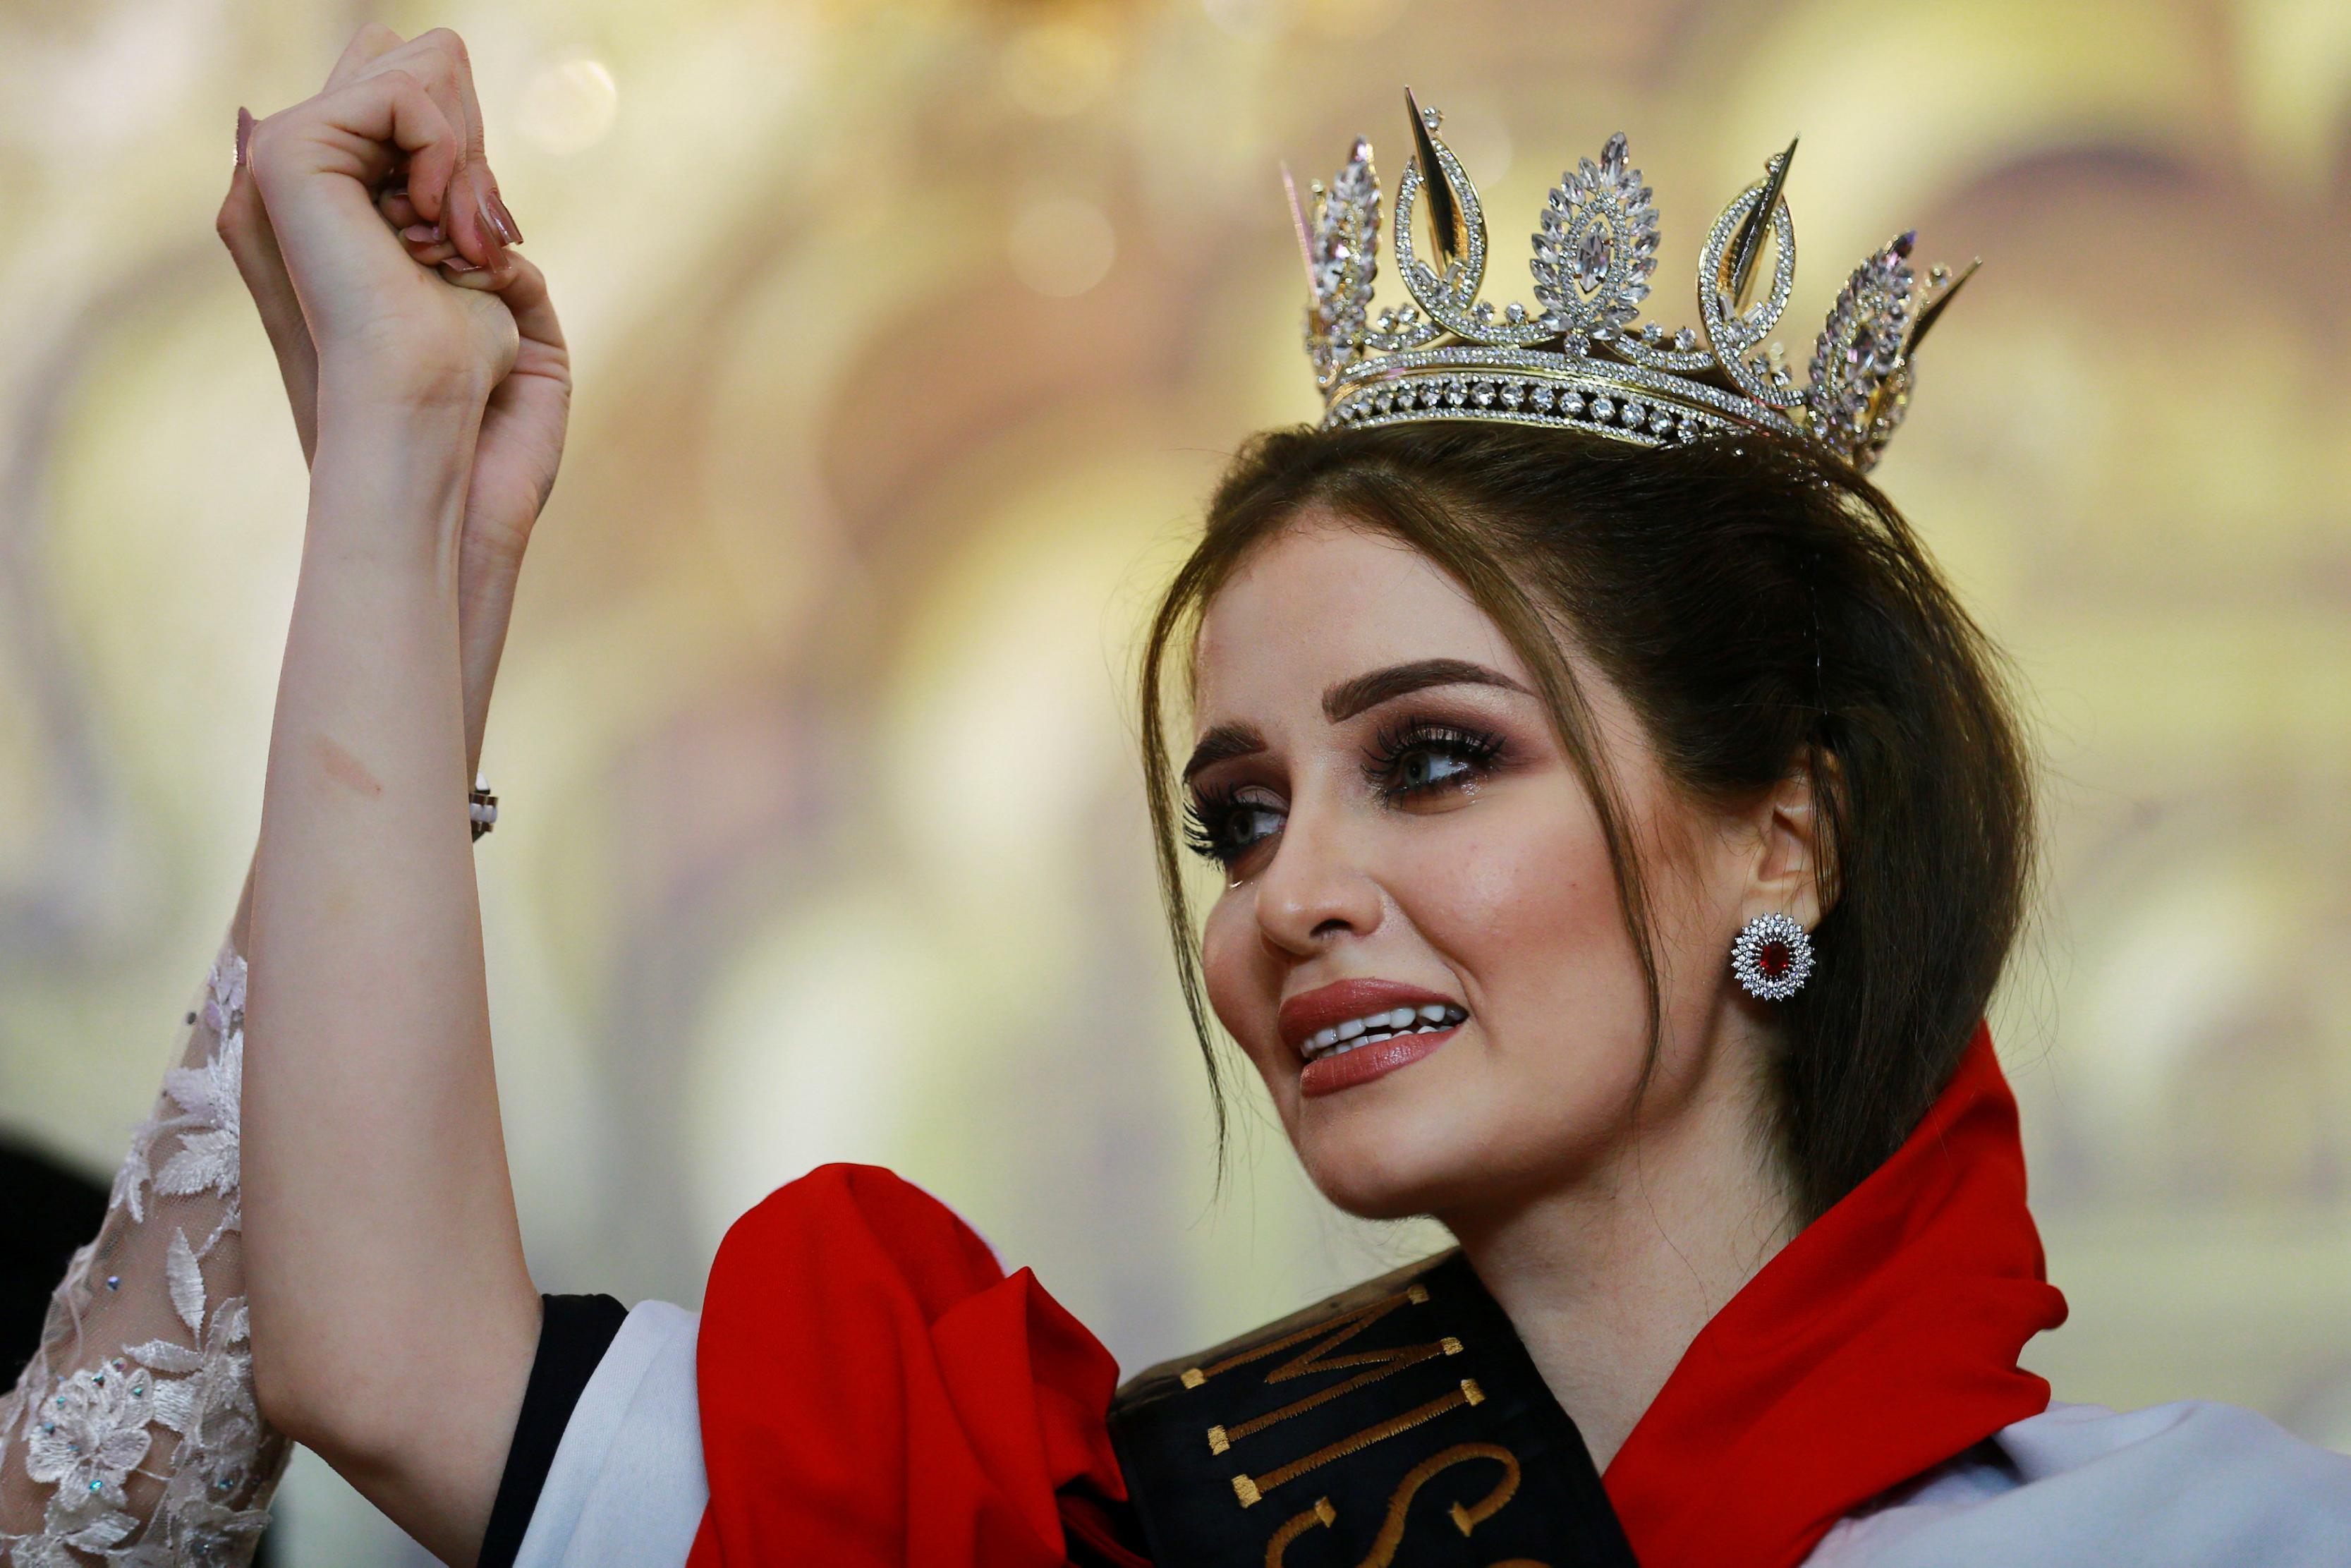 صورة صور ملكه جمال العالم , اجمل جميلات العالم وصفات وشروط المسابقه